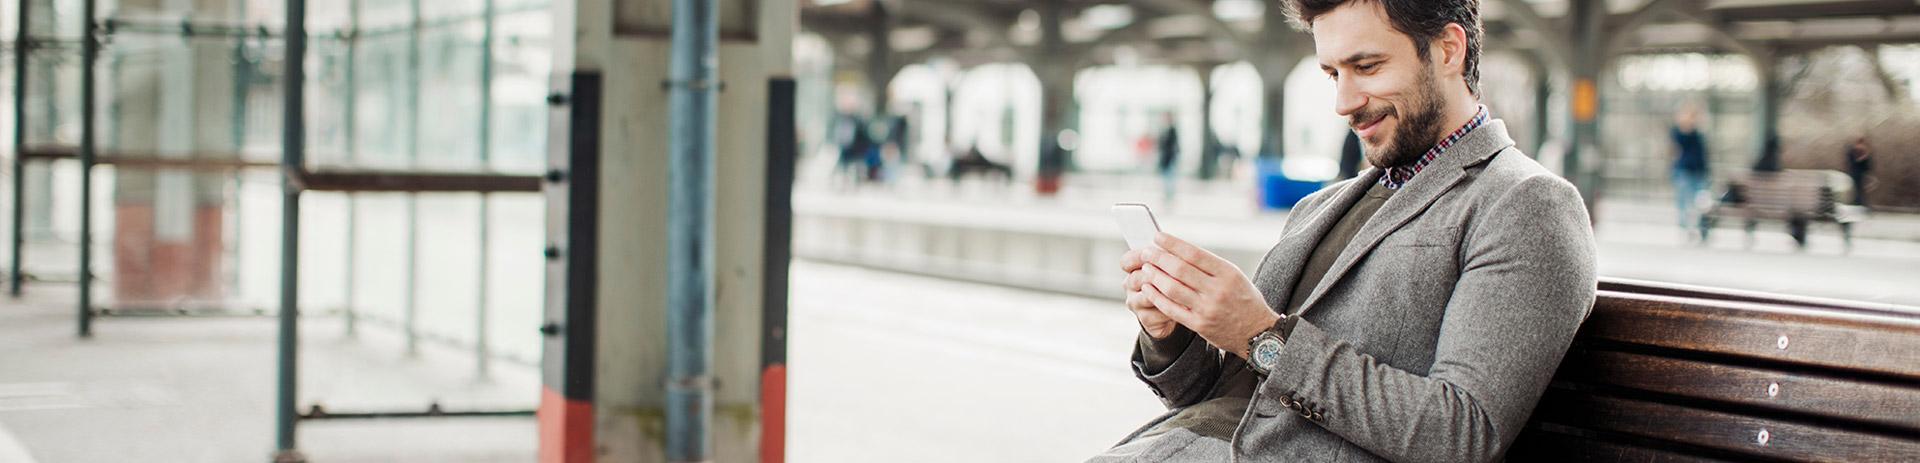 Mann sitzt am Bahnhof auf einer Bank und benutzt ein Smartphone